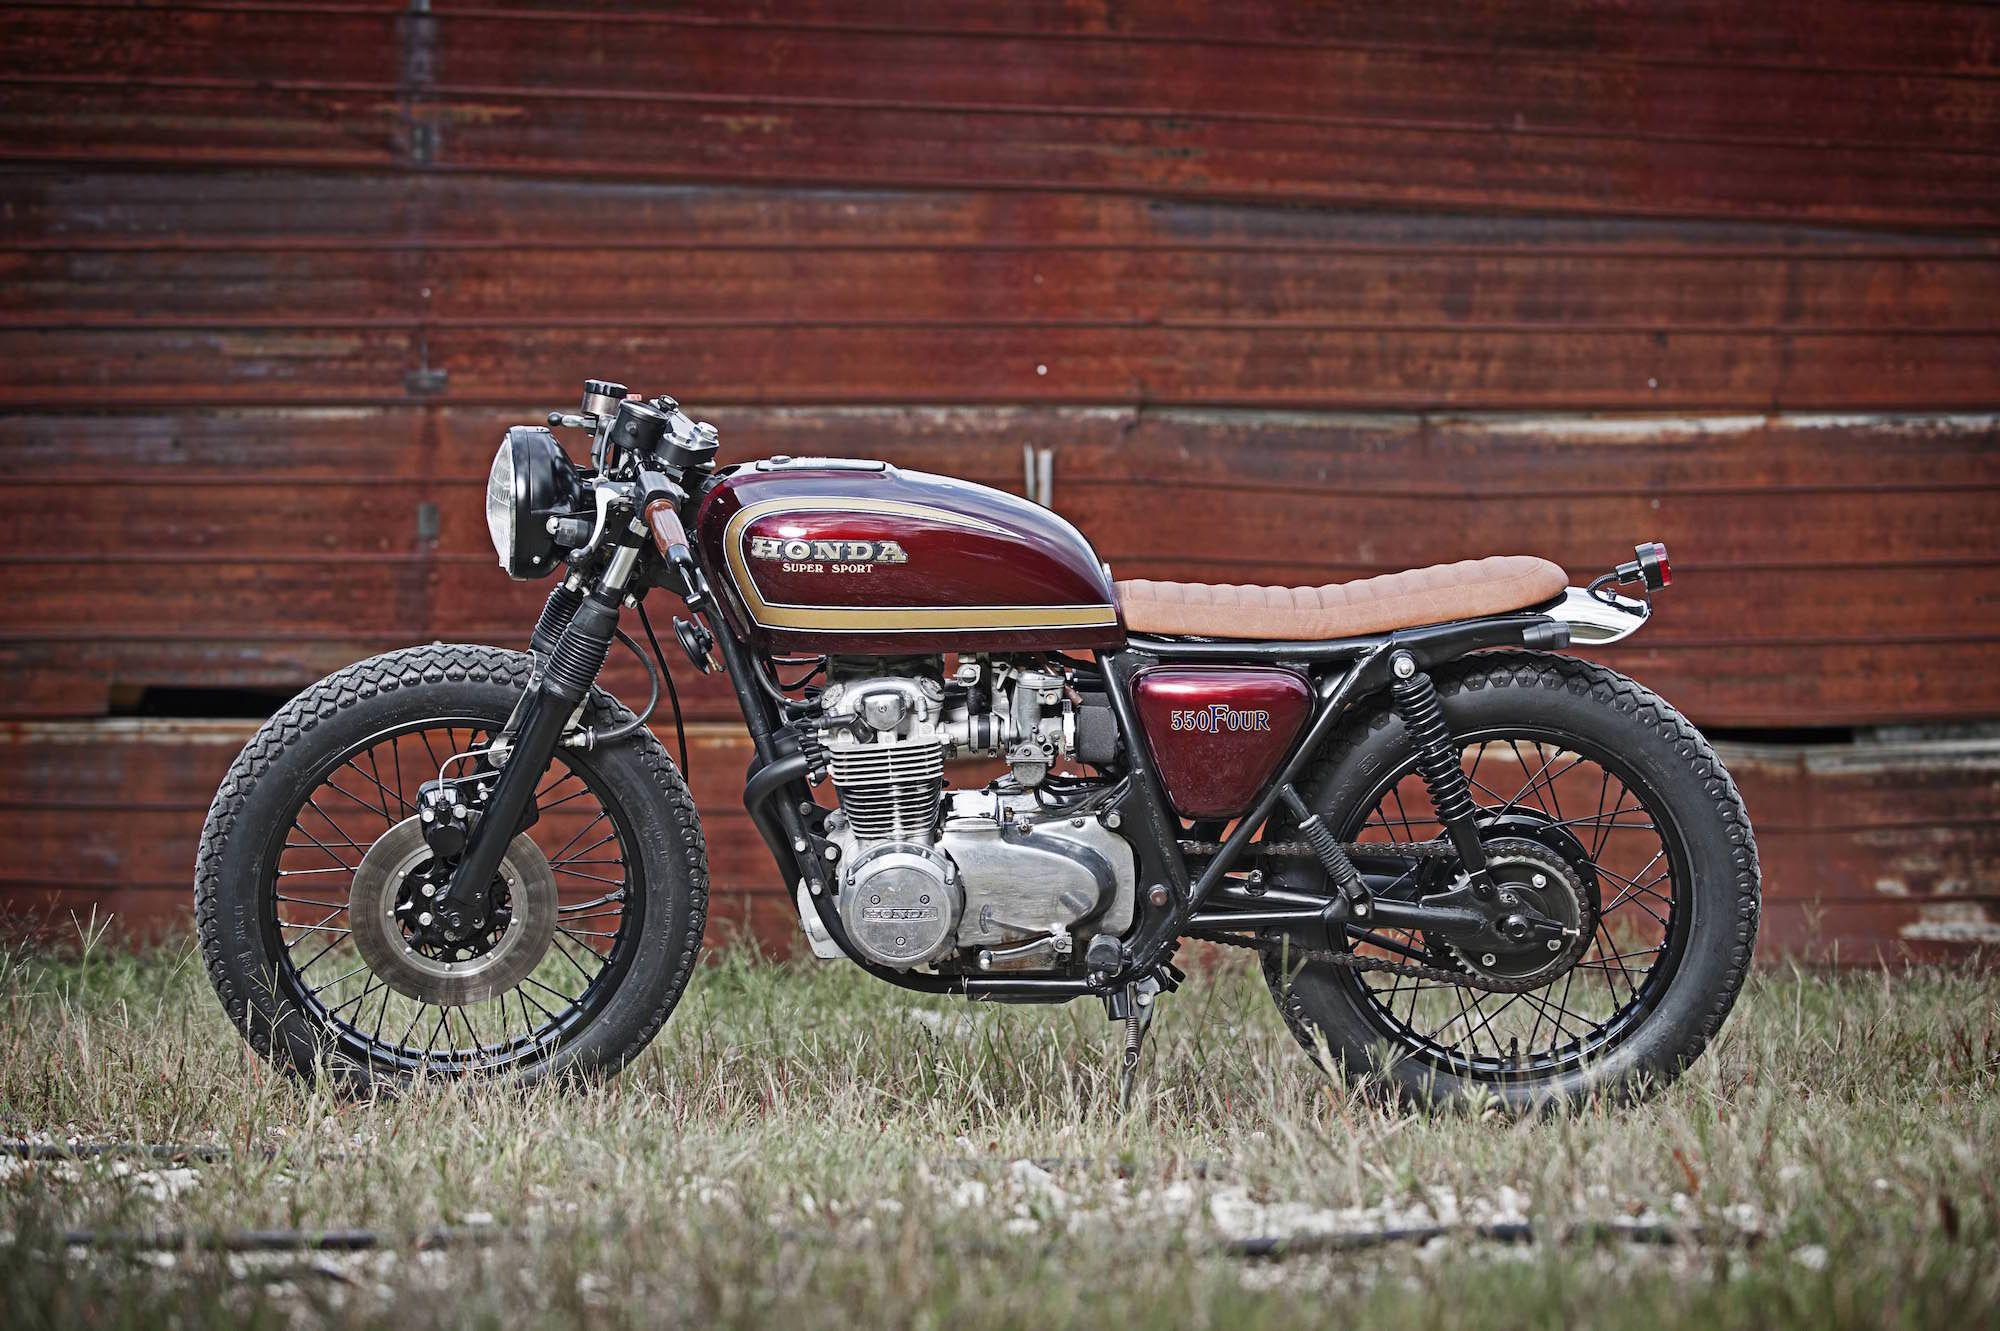 Honda Cb550f Supersport Cafe Racer Honda Brat Motorcycle Cafe Racer [ 1331 x 2000 Pixel ]